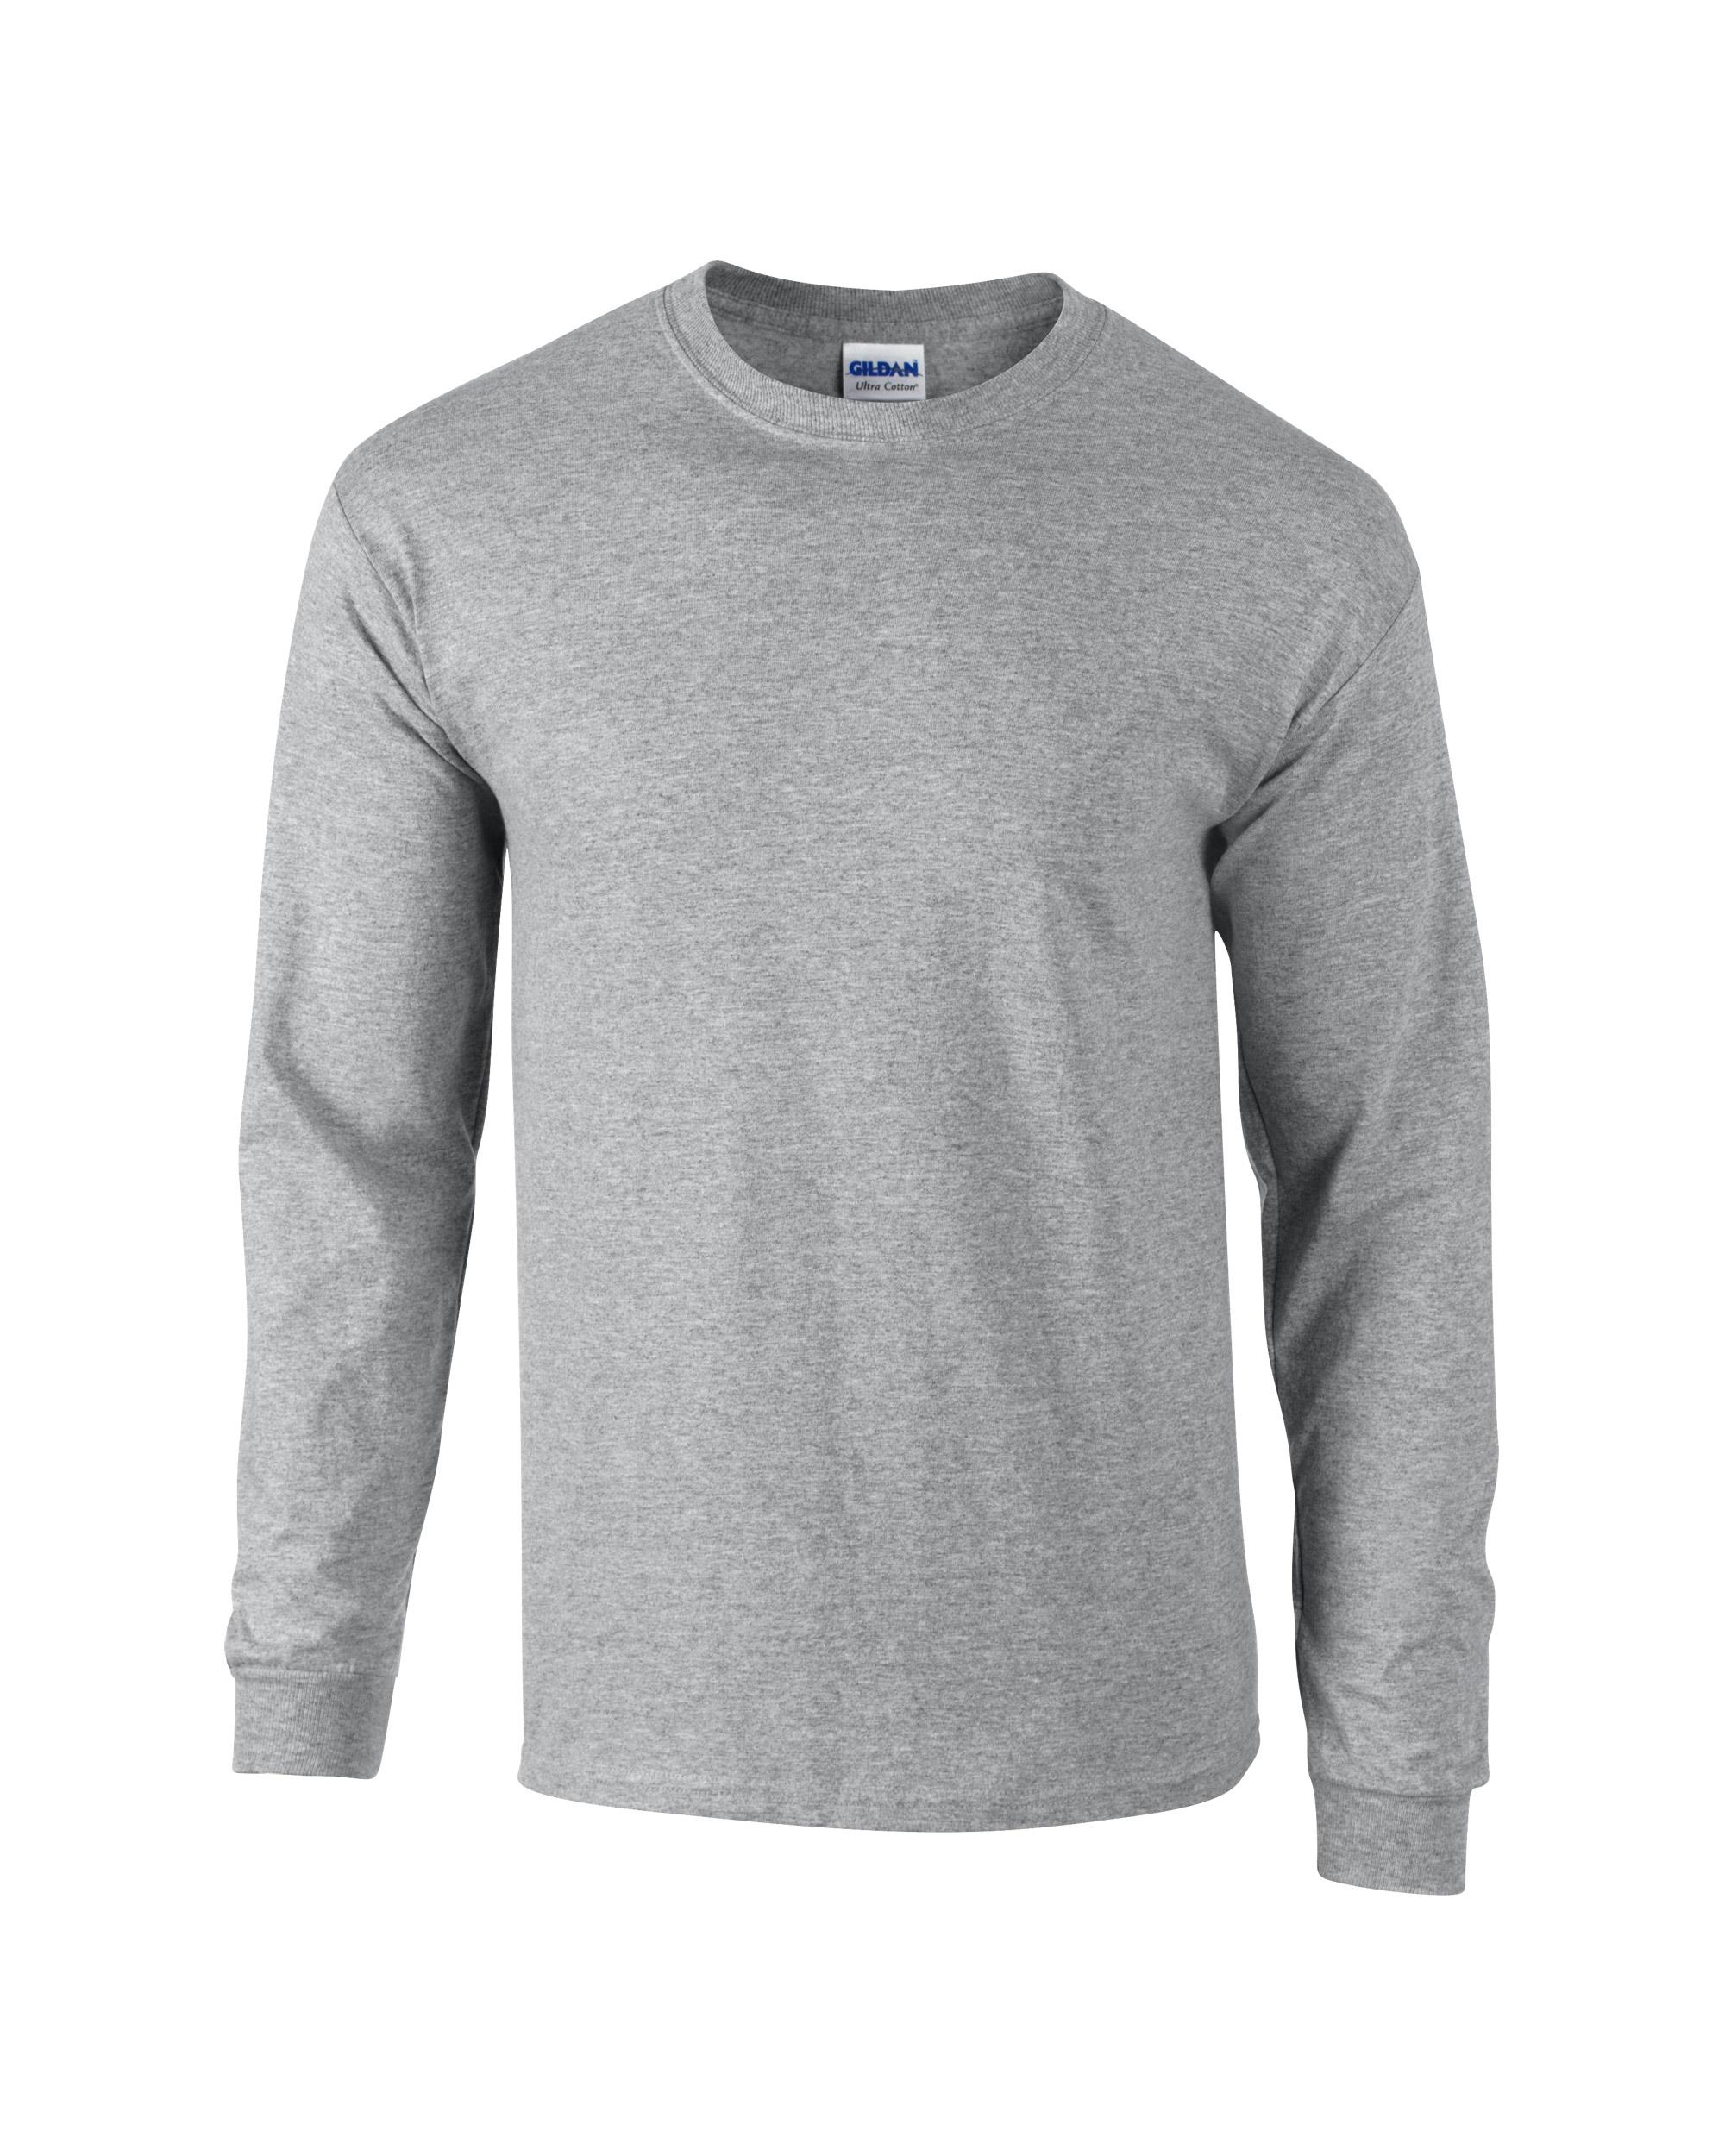 Mens 3 Quarter Length Shirts